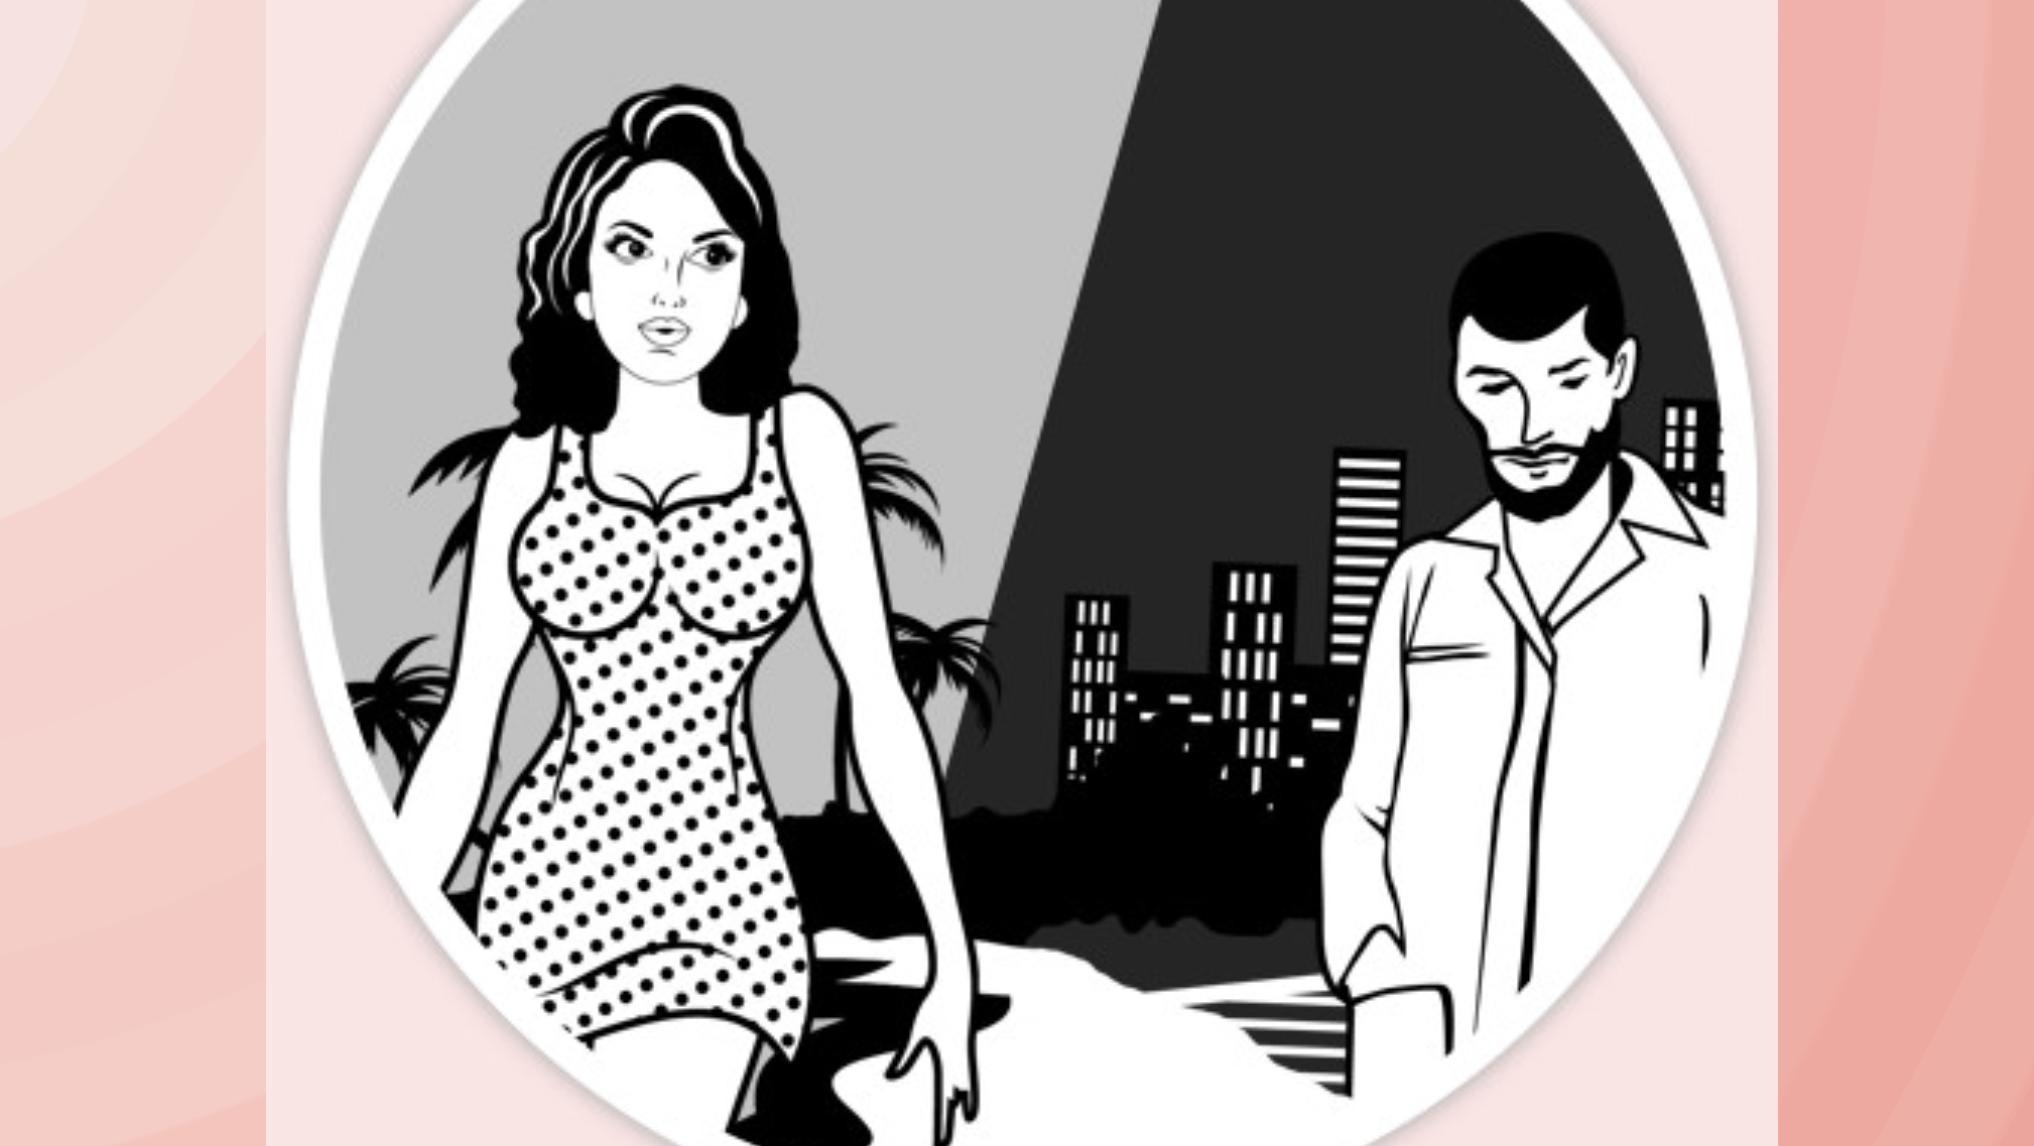 Criador do DeepNude, um aplicativo que despia fotos de mulheres, tirou o produto do ar